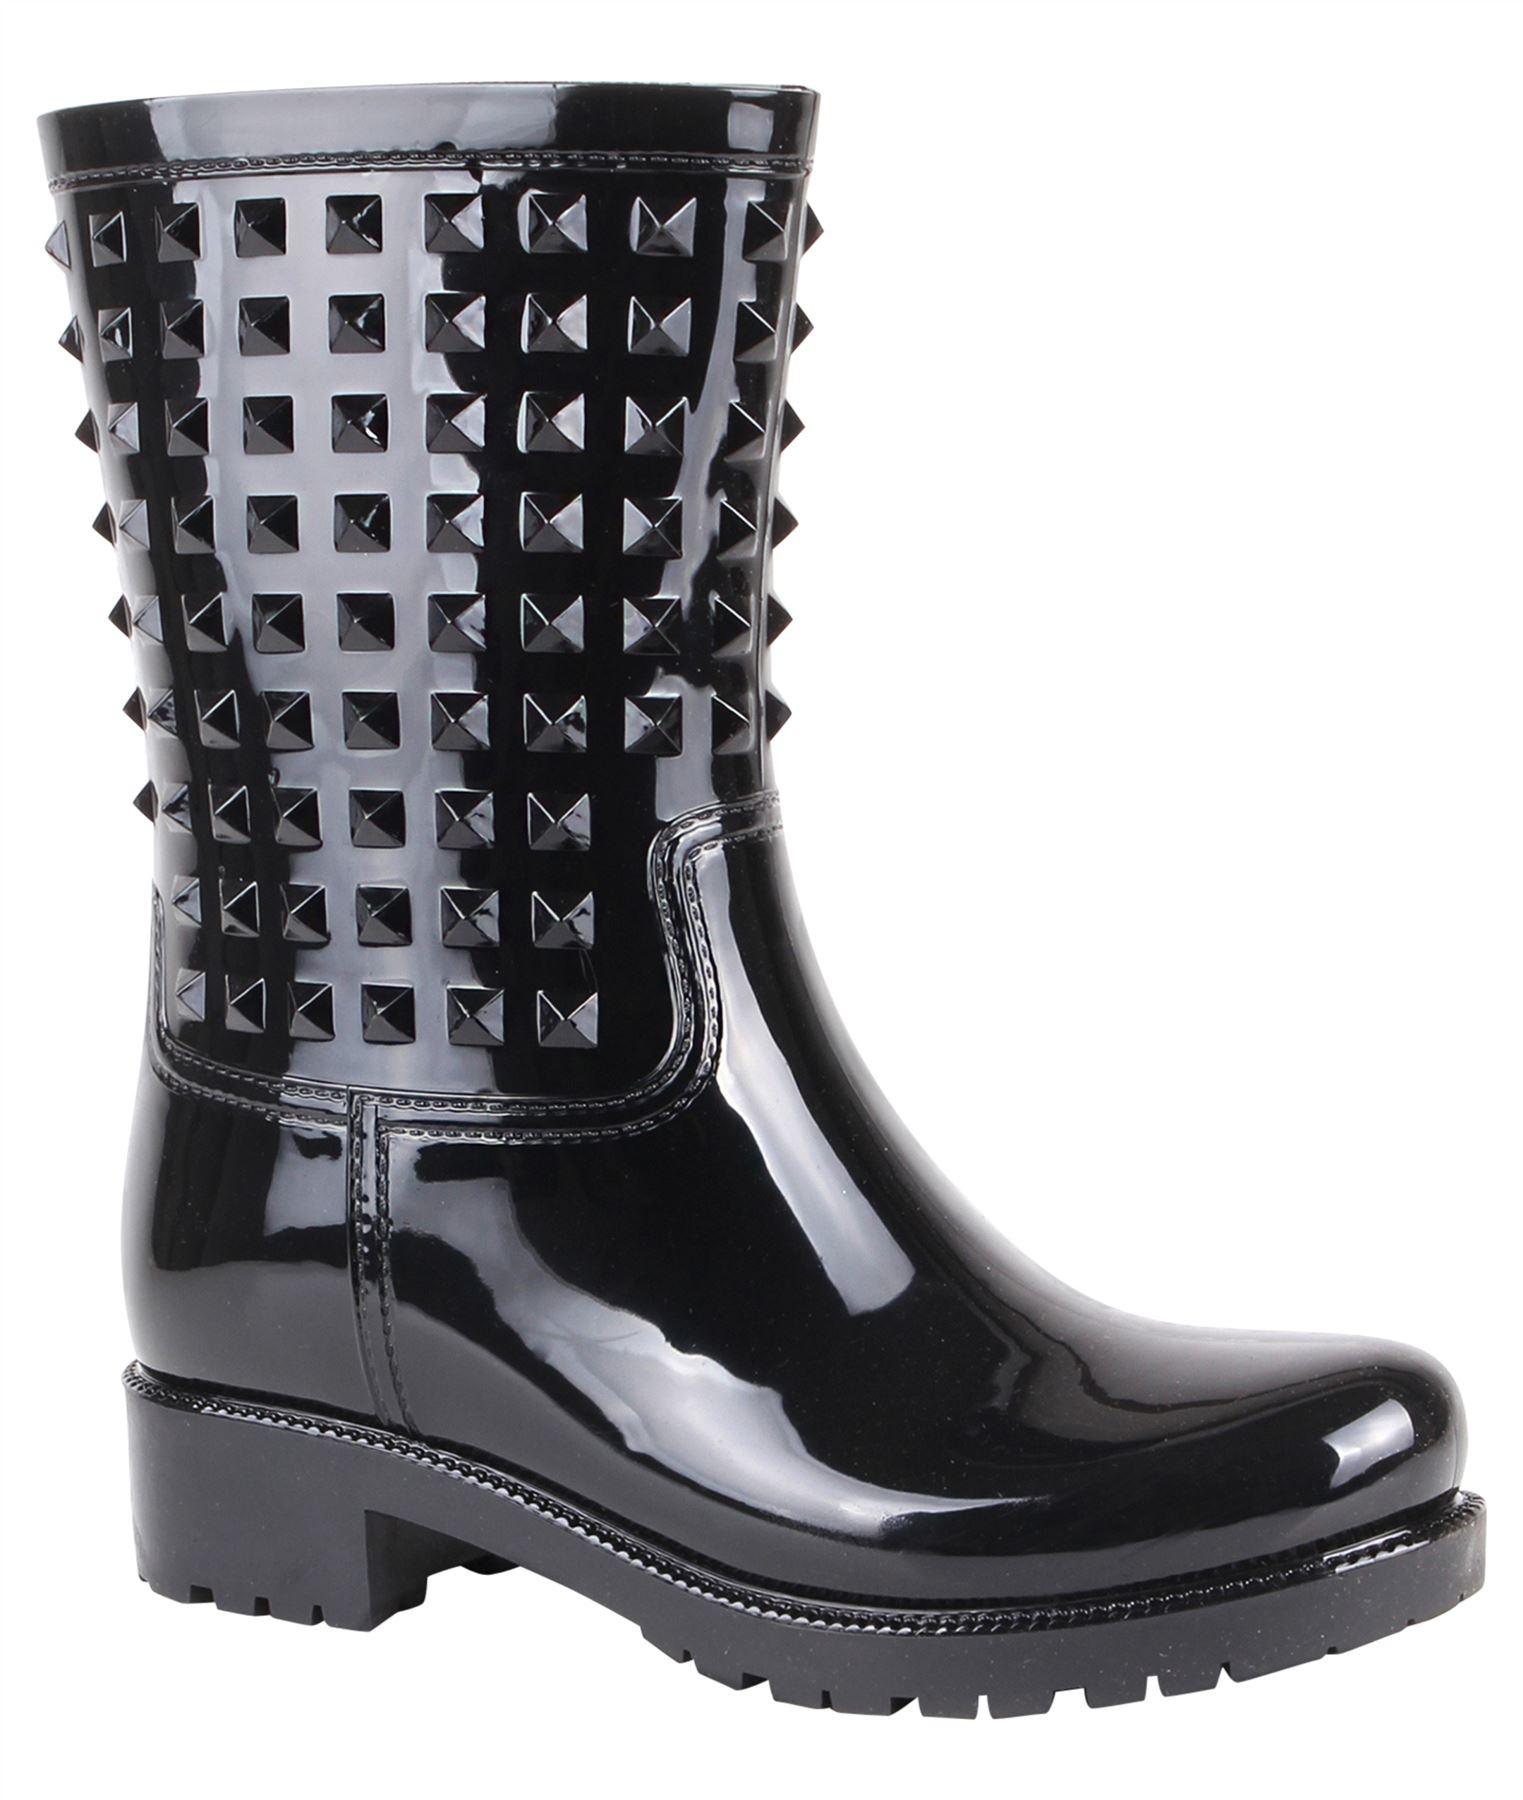 Botas-Agua-Mujer-Barata-Original-Botines-Moda-Comodas-Calzado-Elastico-Juveniles miniatura 24